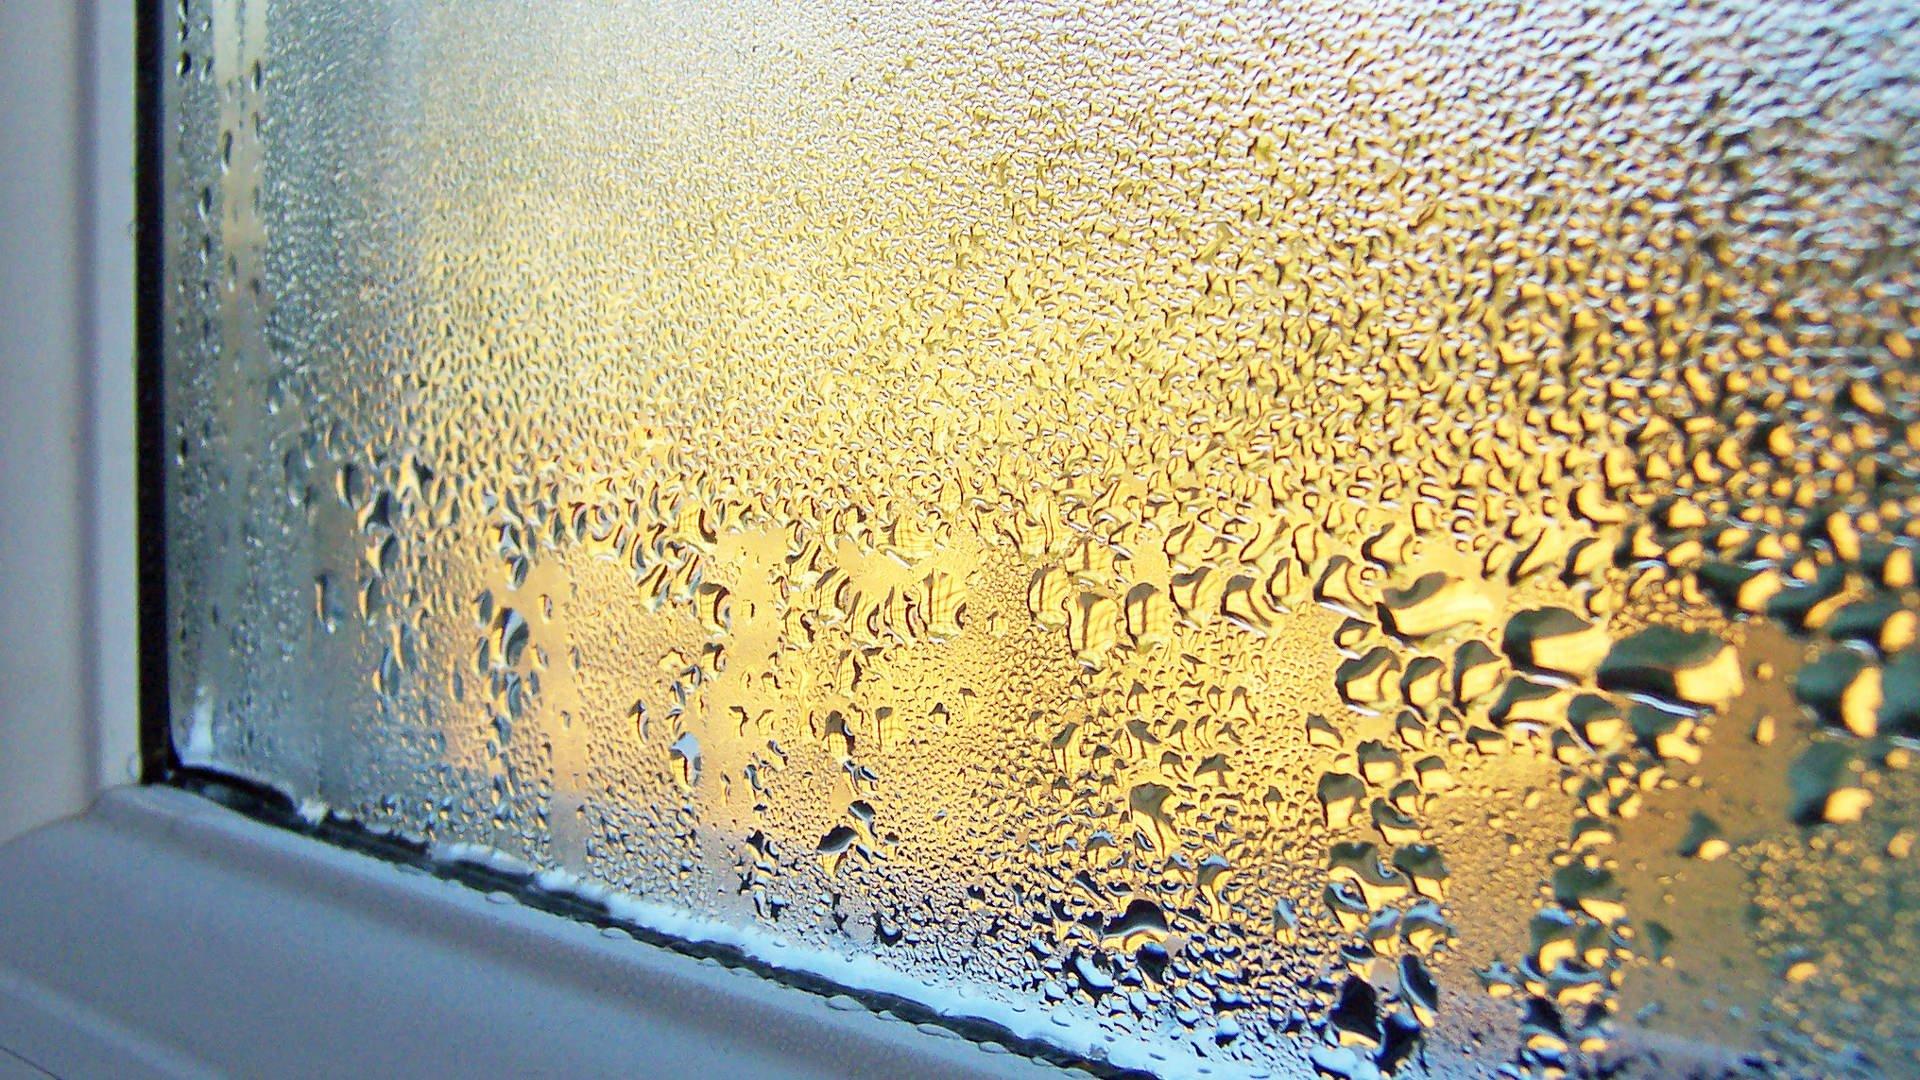 Das Raumklima kann durch eine zu hohe Luftfeuchtigkeit negativ beeinflusst werden.